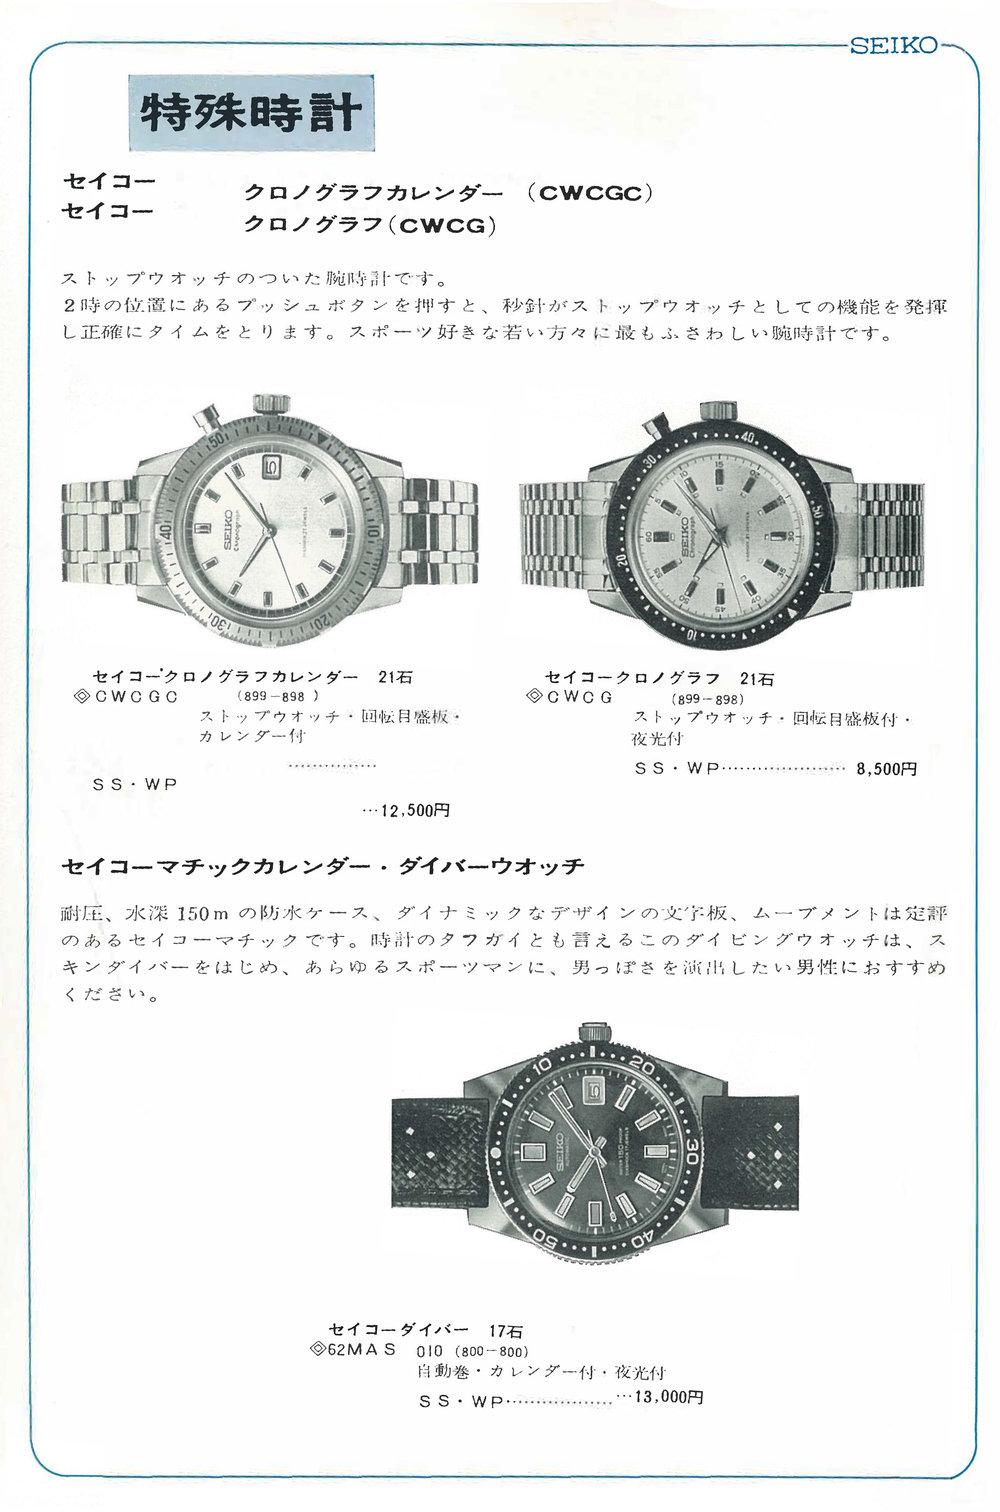 1967 Catalog No.2 62MAS